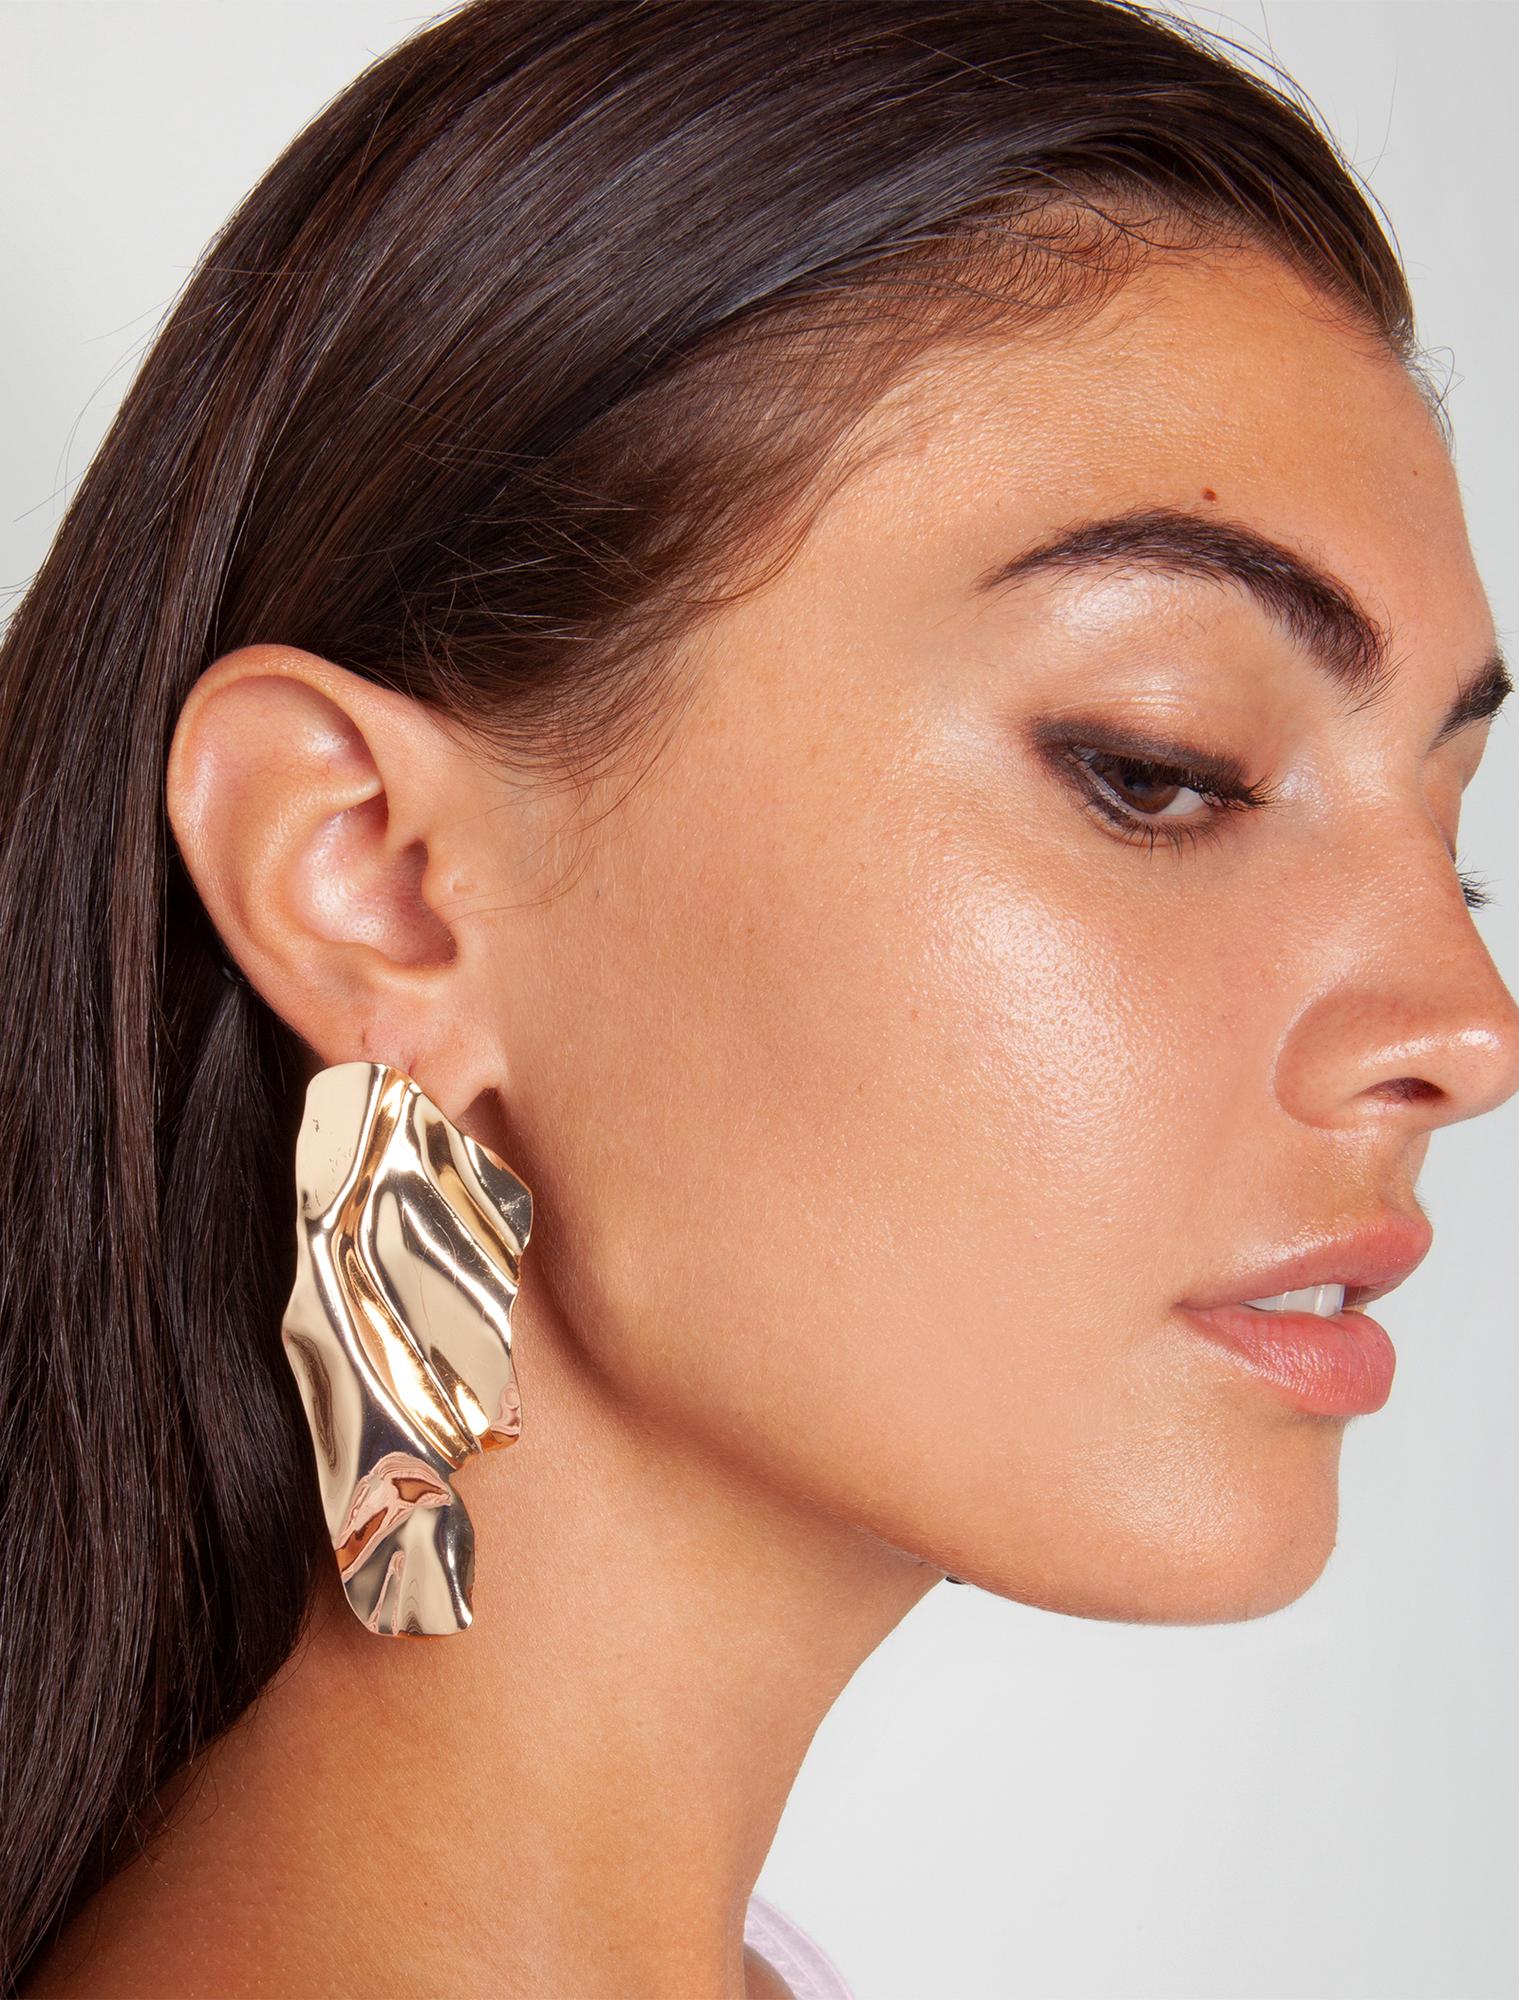 Μεταλλικά σκουλαρίκια ανάγλυφα - ΧΡΥΣΟ